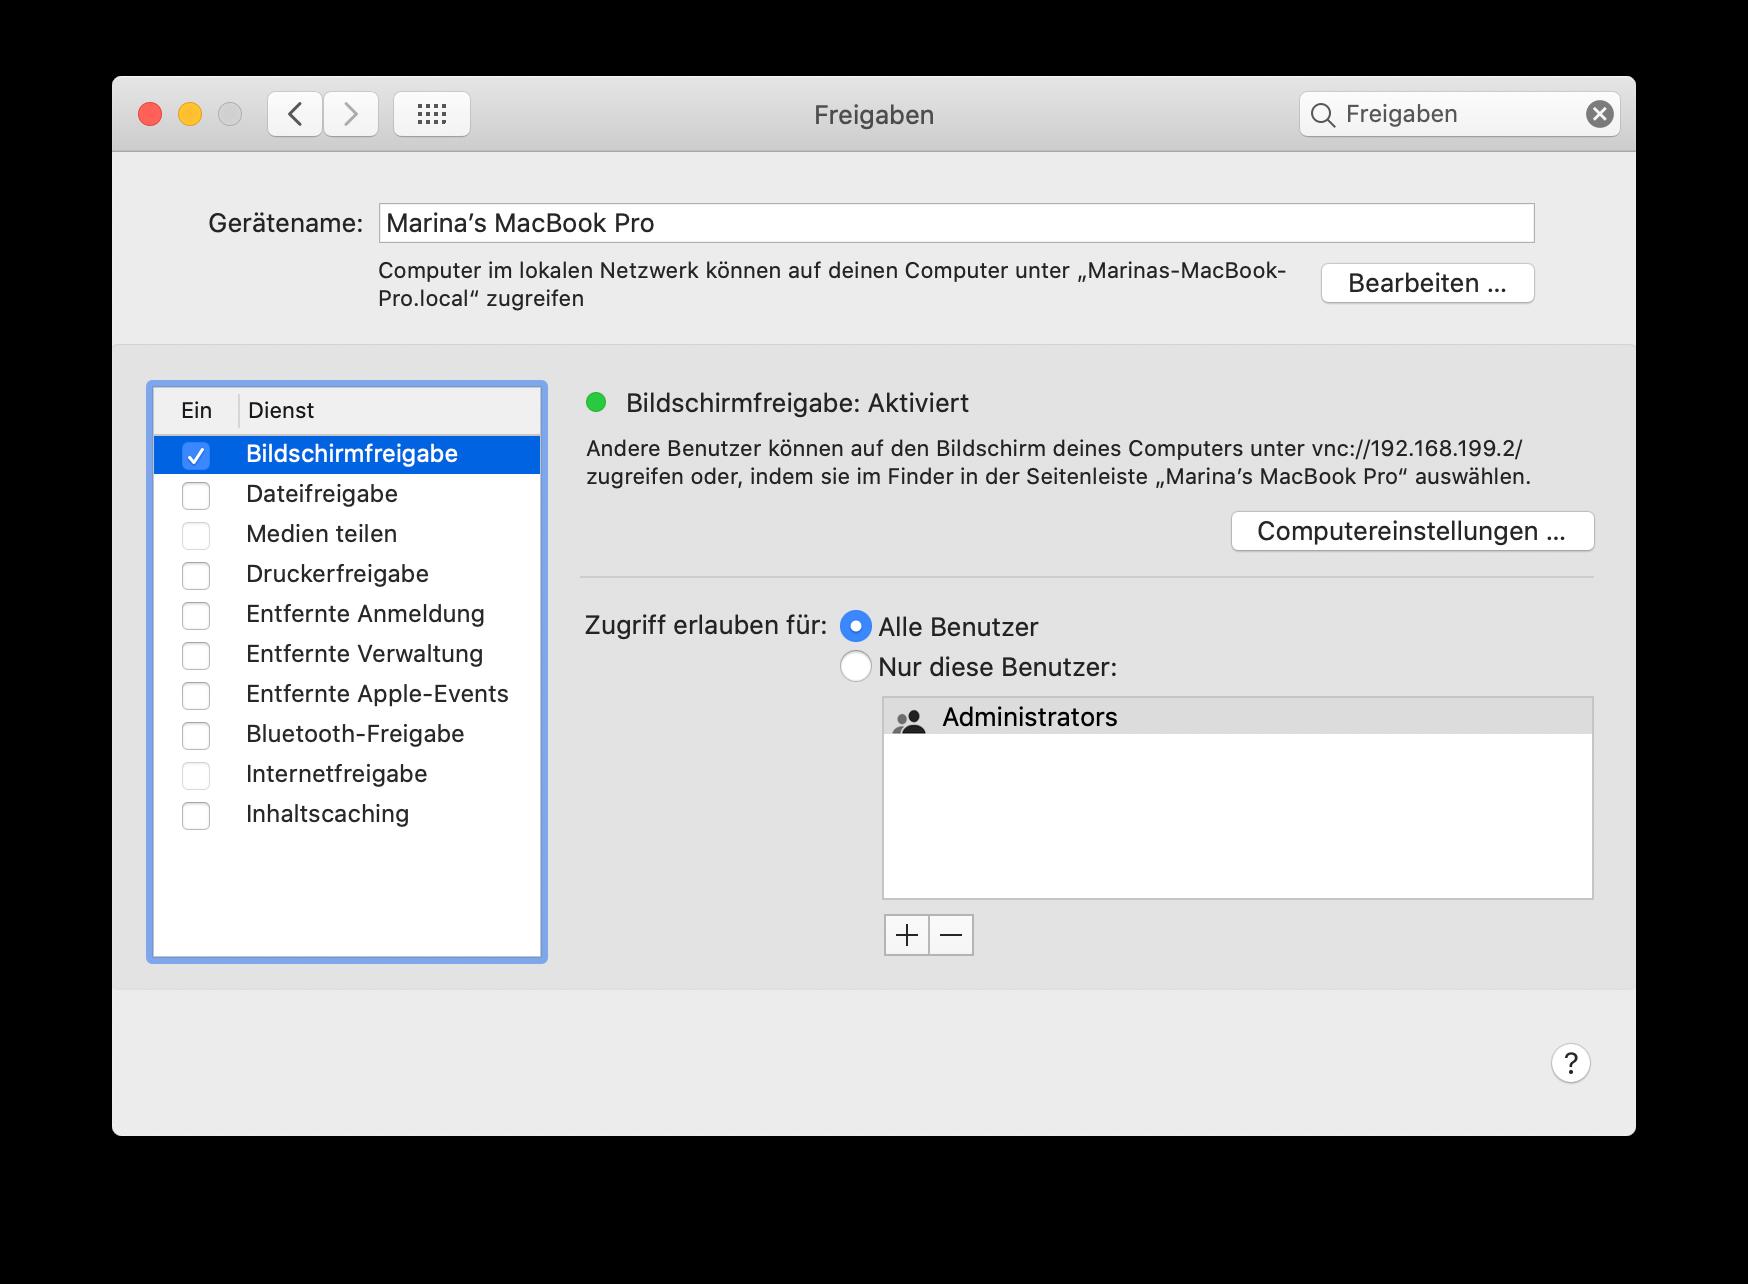 Bildschirmfreigabe auf deinem Mac aktivieren